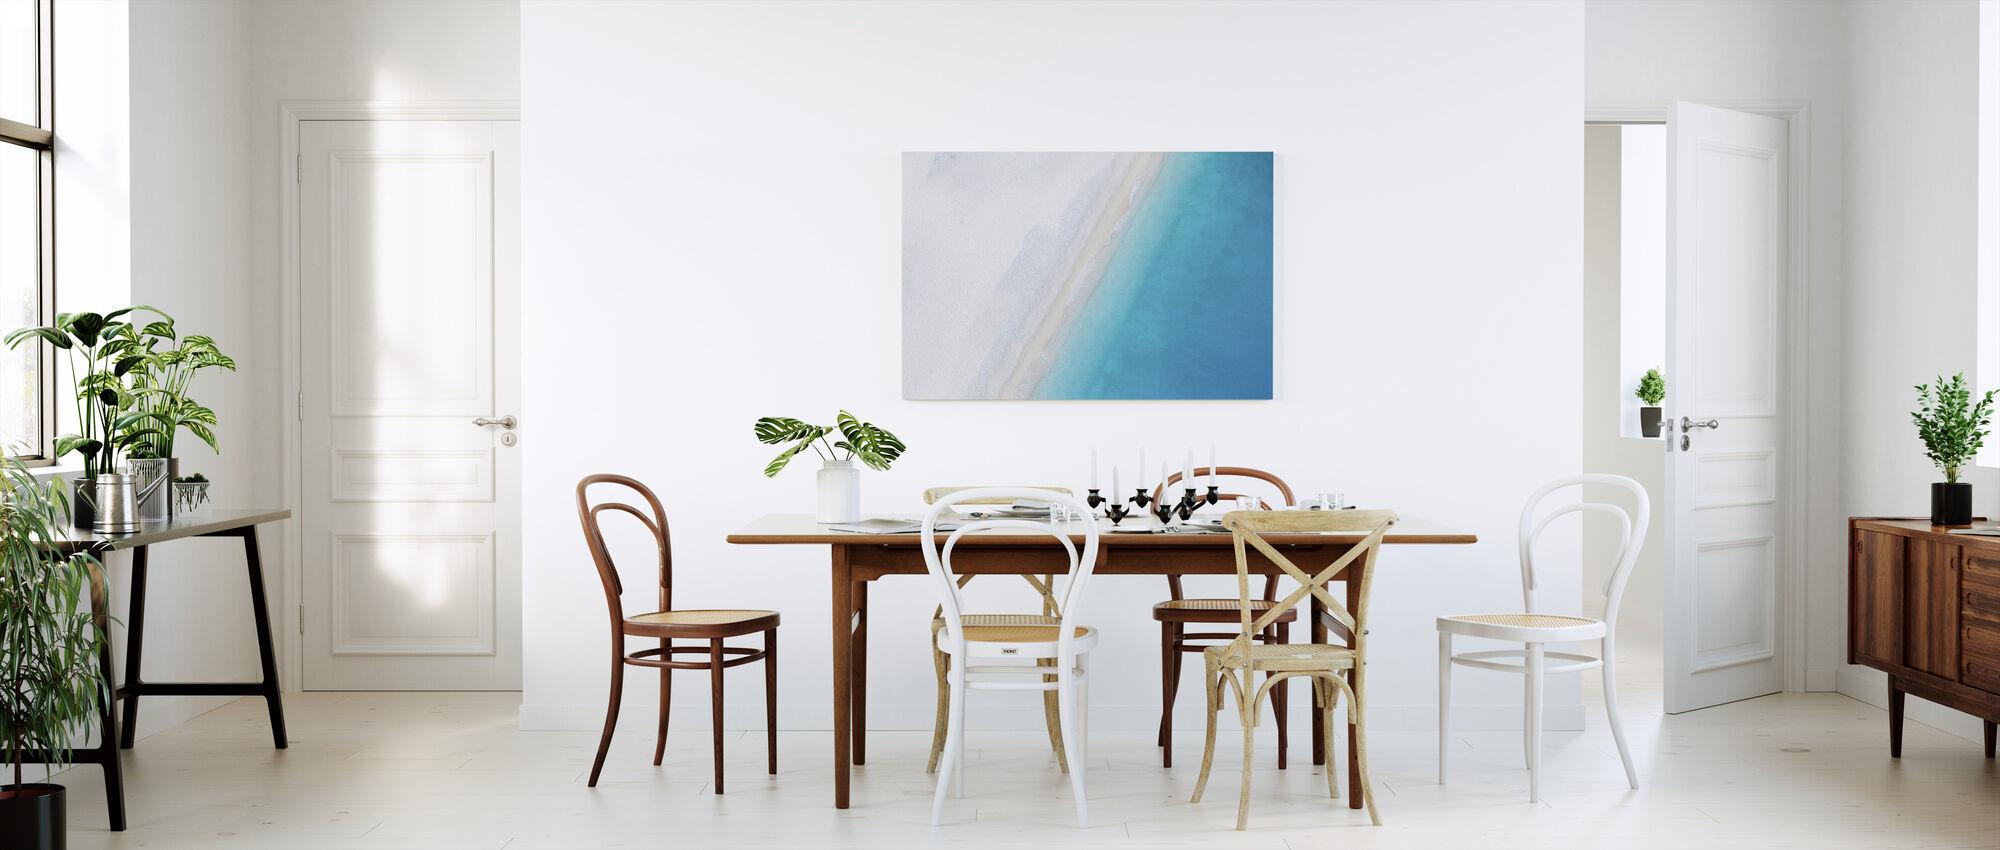 Deserted Sandy Beach - Canvas print - Kitchen